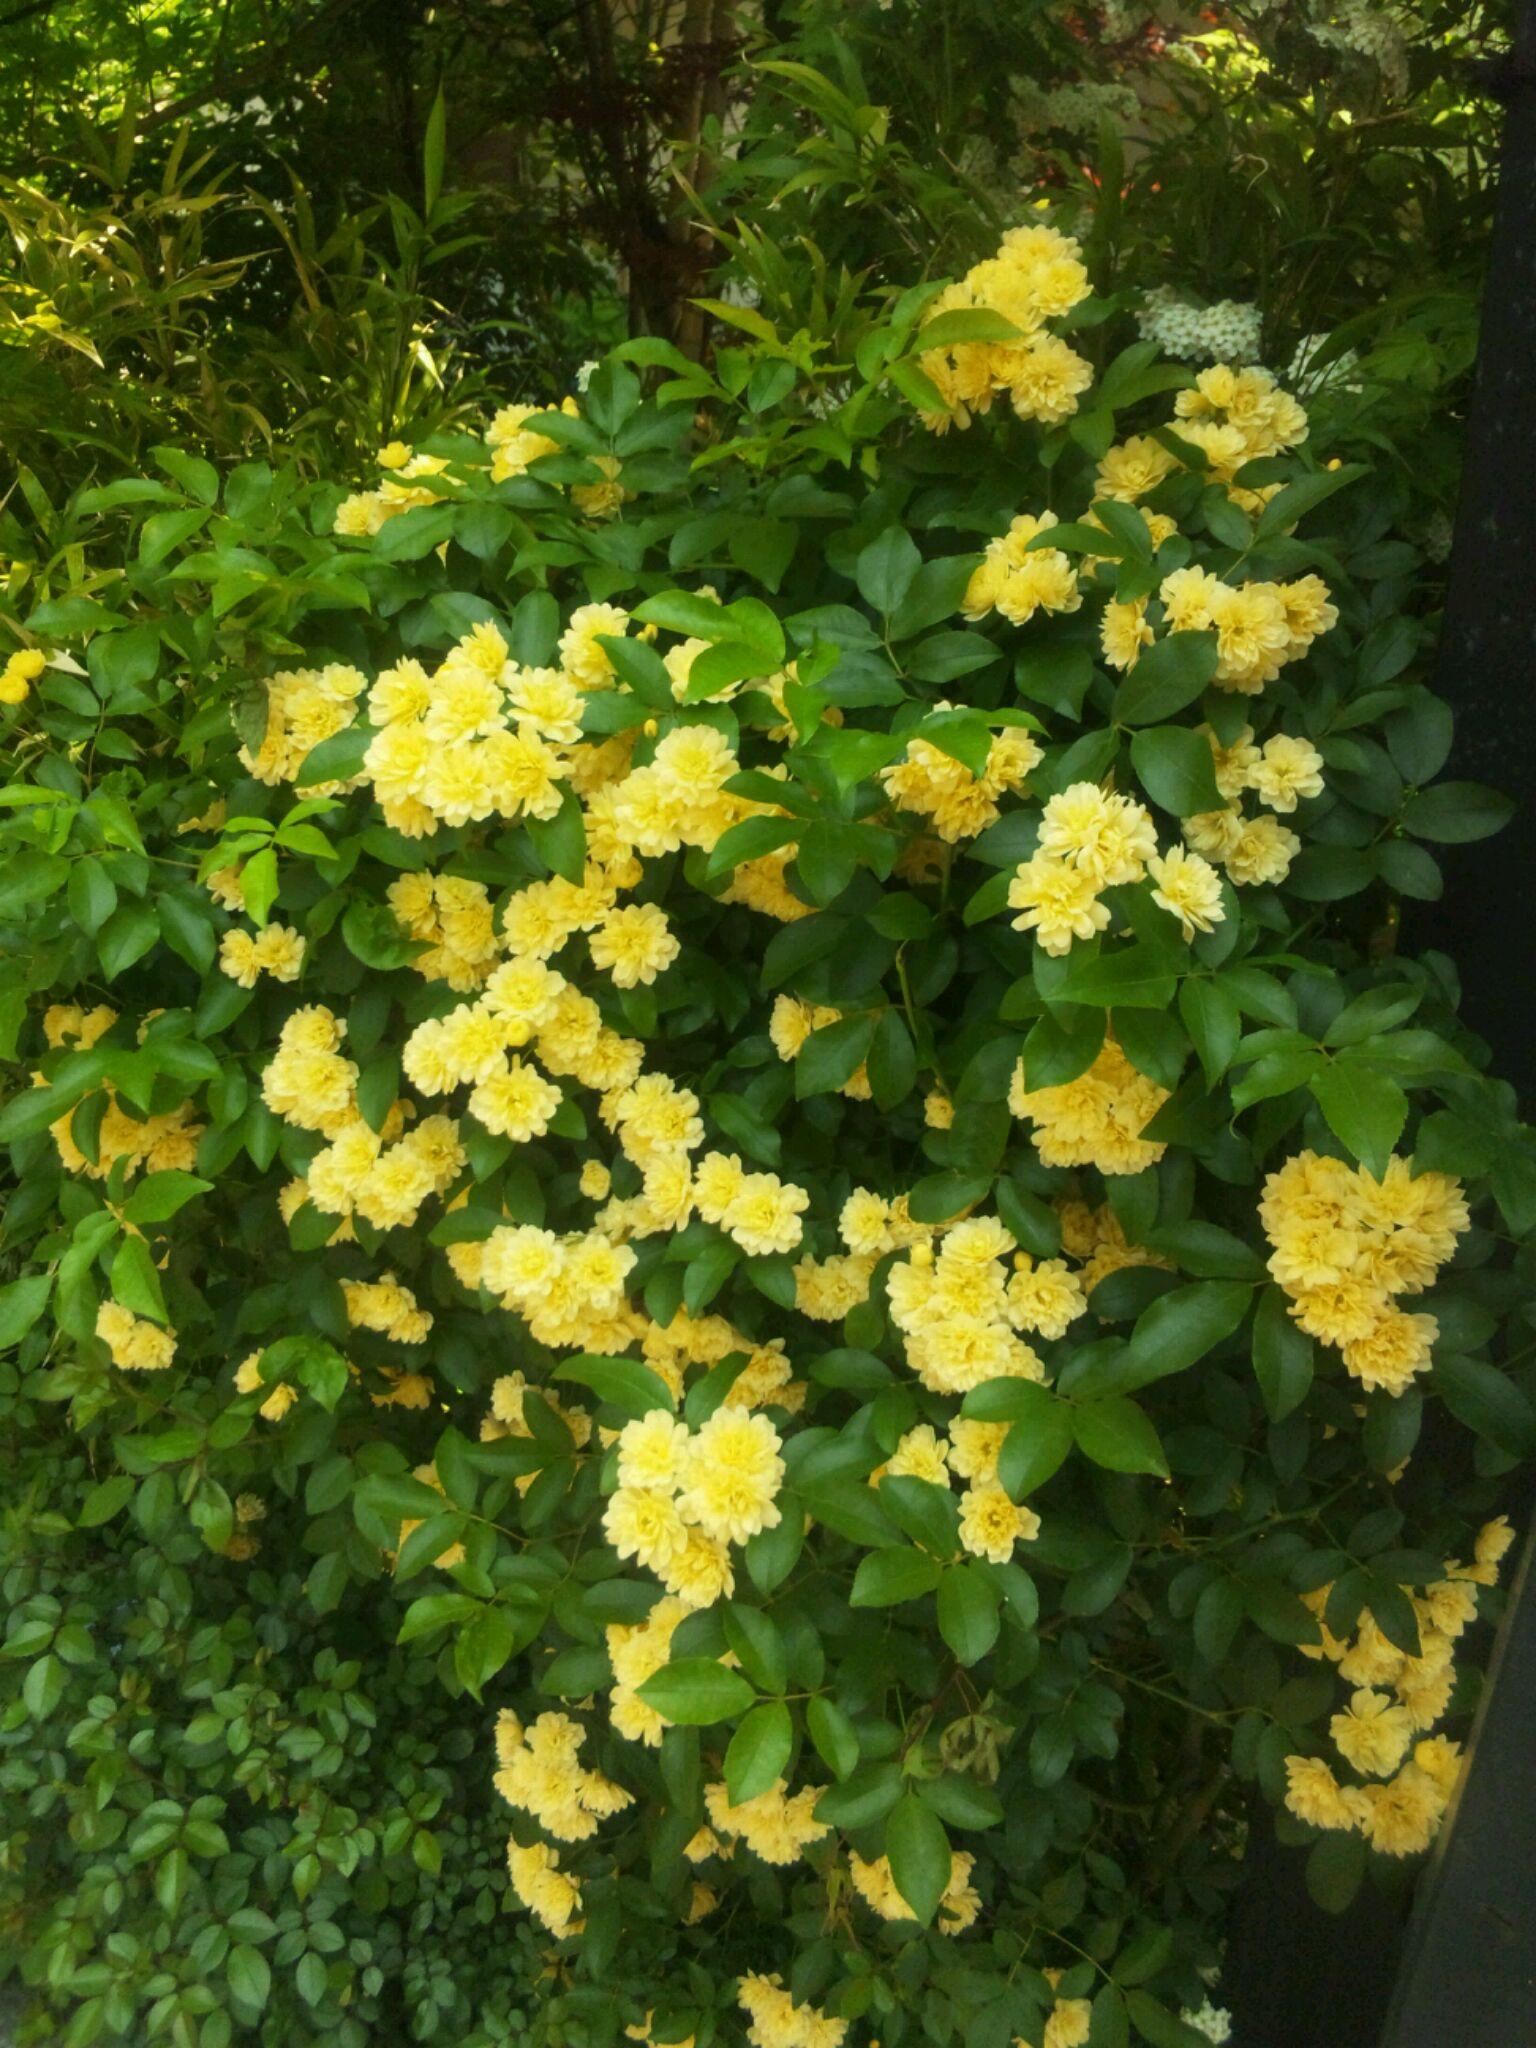 僕の家の庭に今年咲いた黄色い花たち_d0021969_147210.jpg